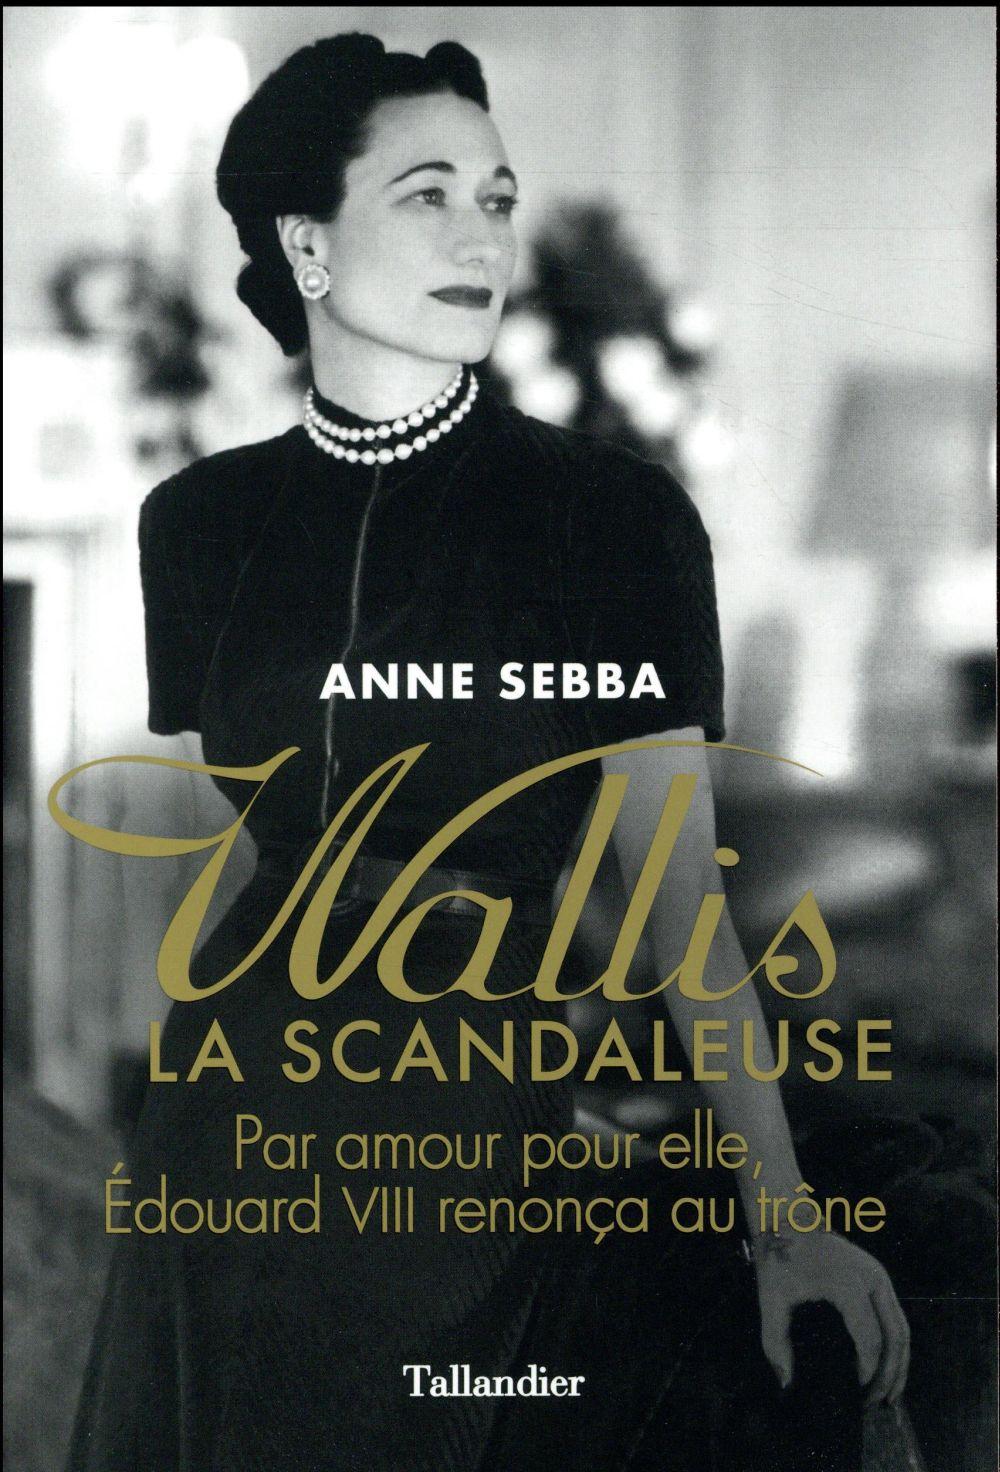 Wallis la scandaleuse ; par amour pour elle, Edouard VIII renonça au trône